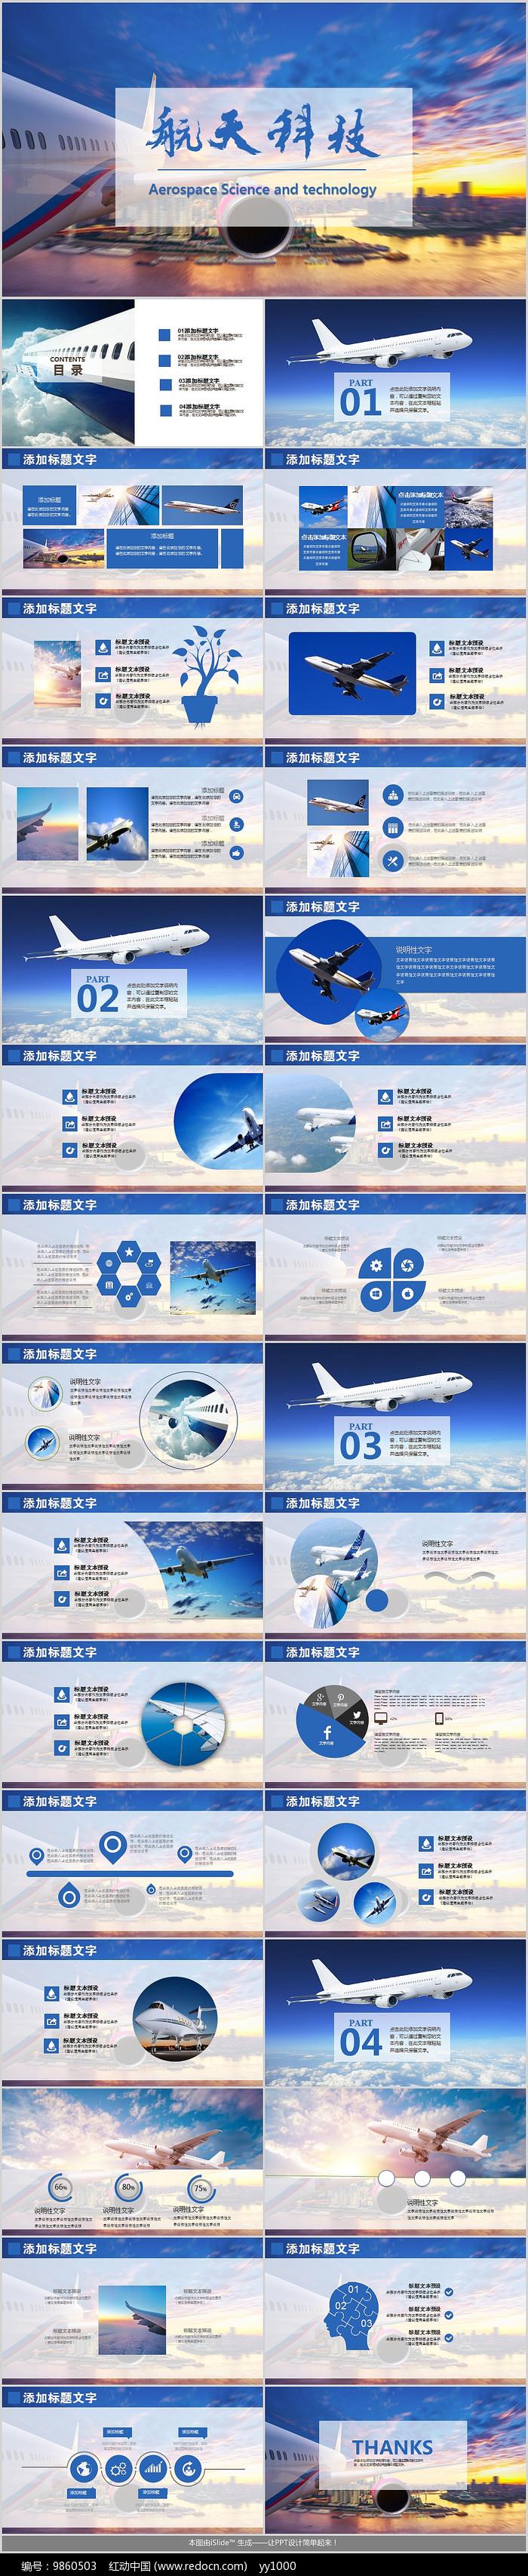 蓝色航空公司民航PPT模板图片